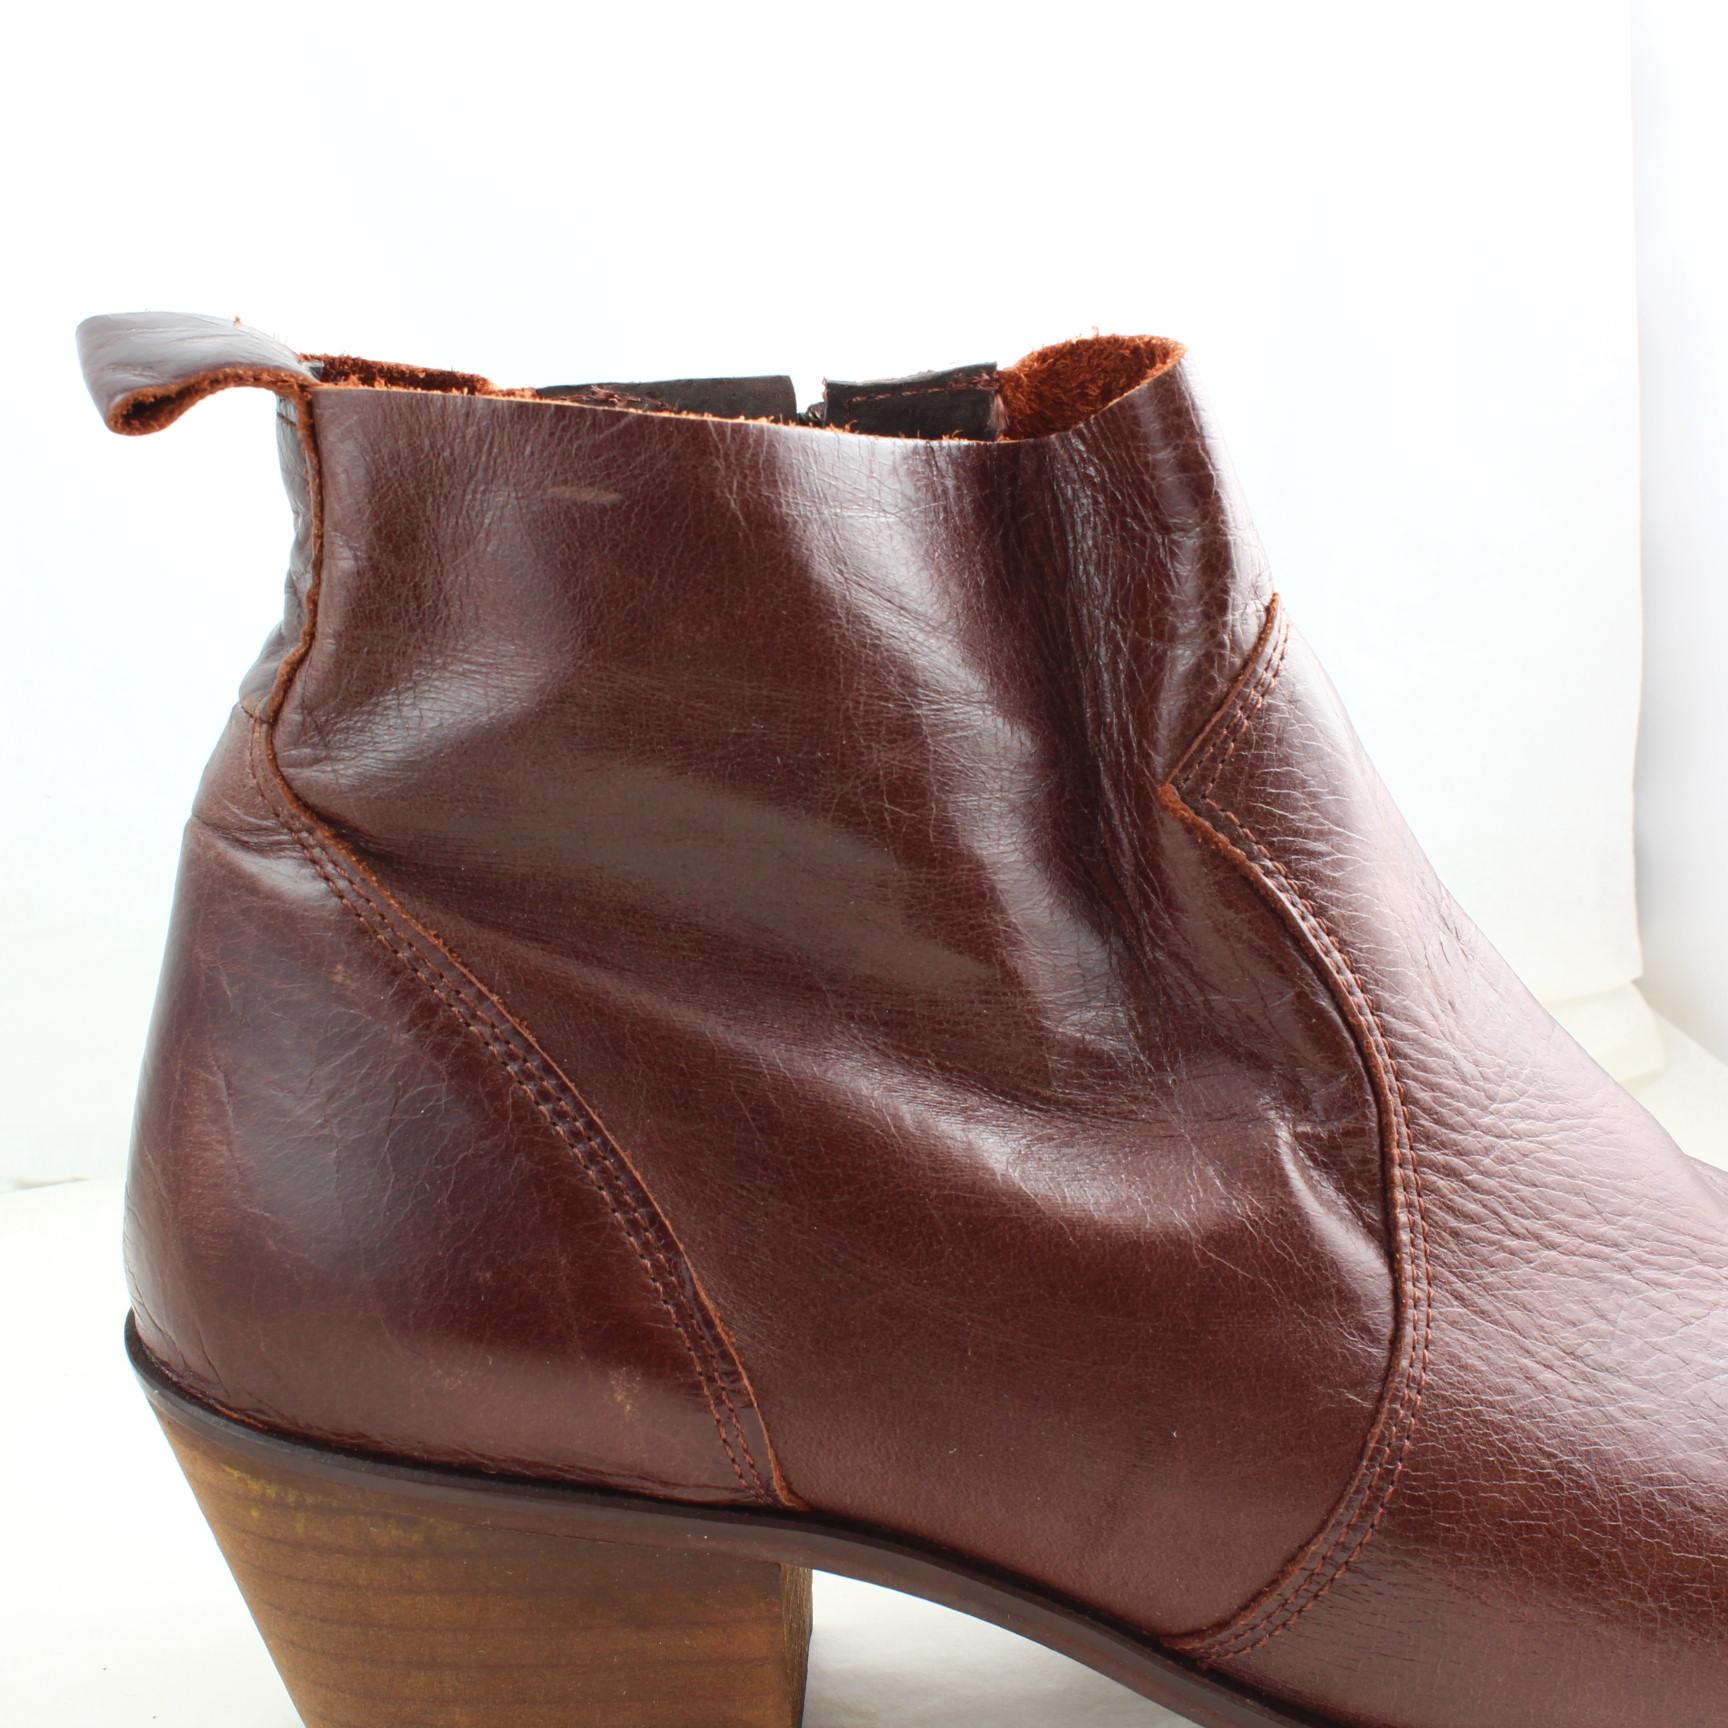 Damenschuhe Office Braun Leder zip Ankle Stiefel Größe Größe Stiefel UK 8  Ex Display ... 33fea4